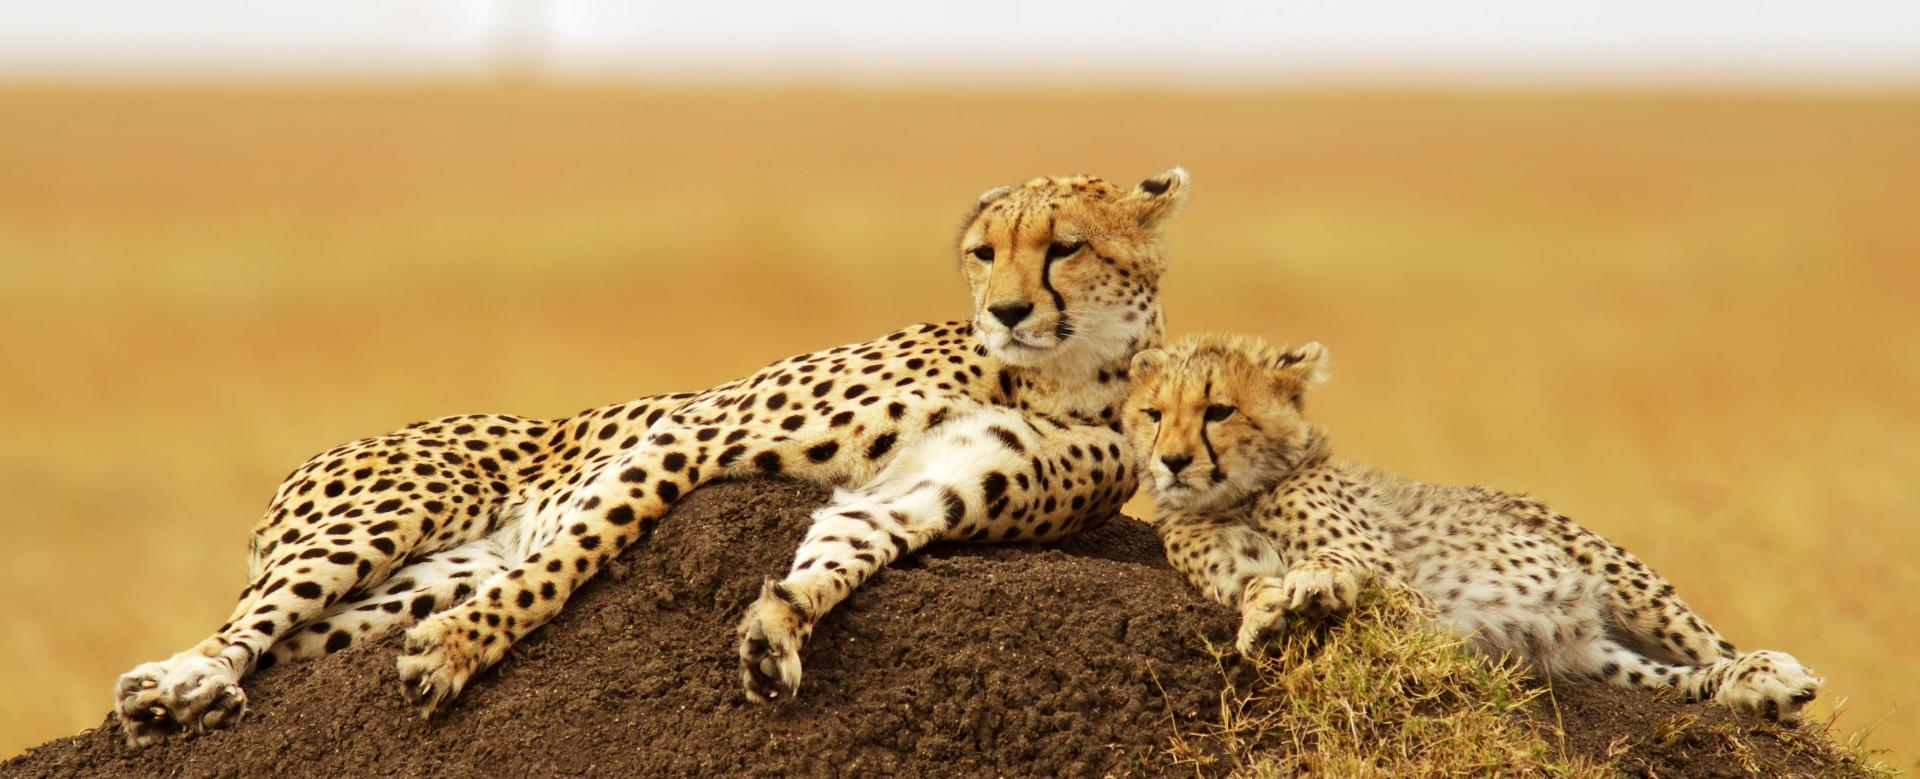 Voyage avec des animaux Kenya : Masai mara et safaris kenyans